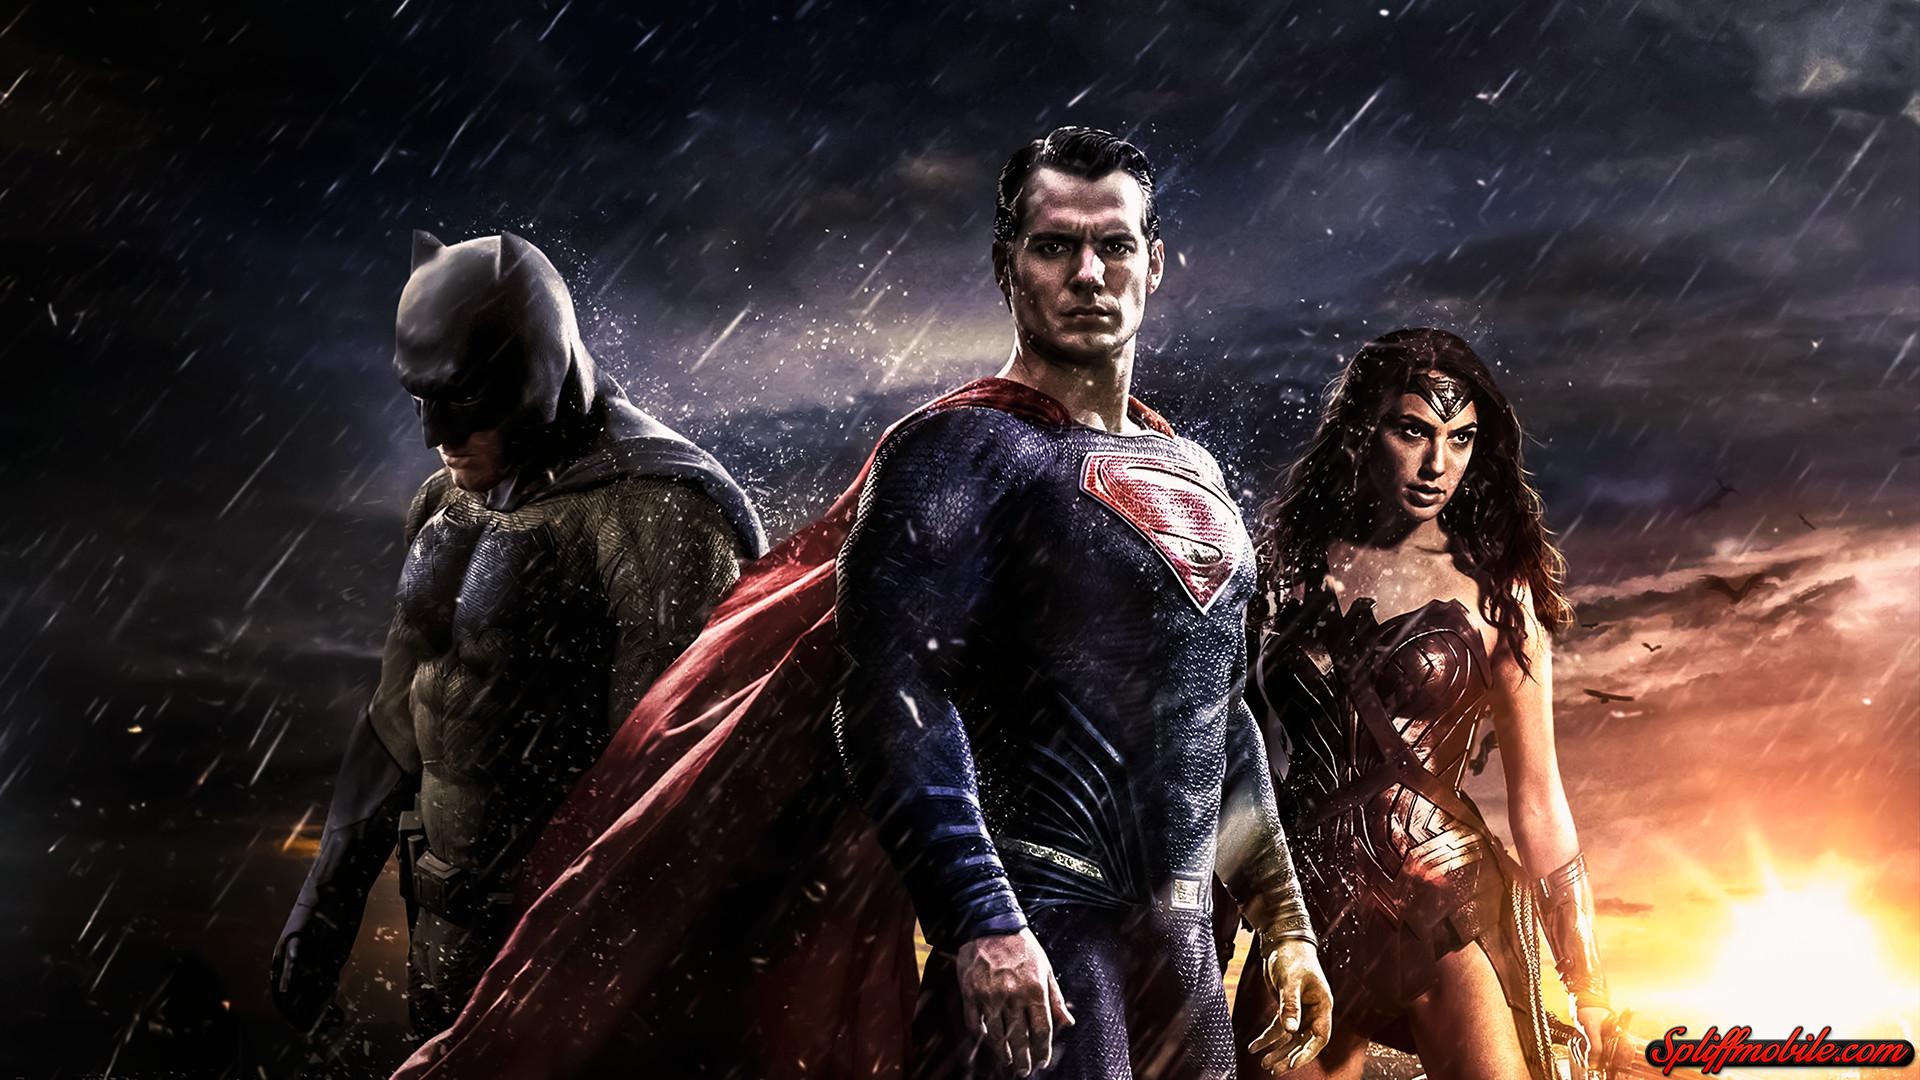 Res: 1920x1080, HD Batman vs Superman Wallpaper